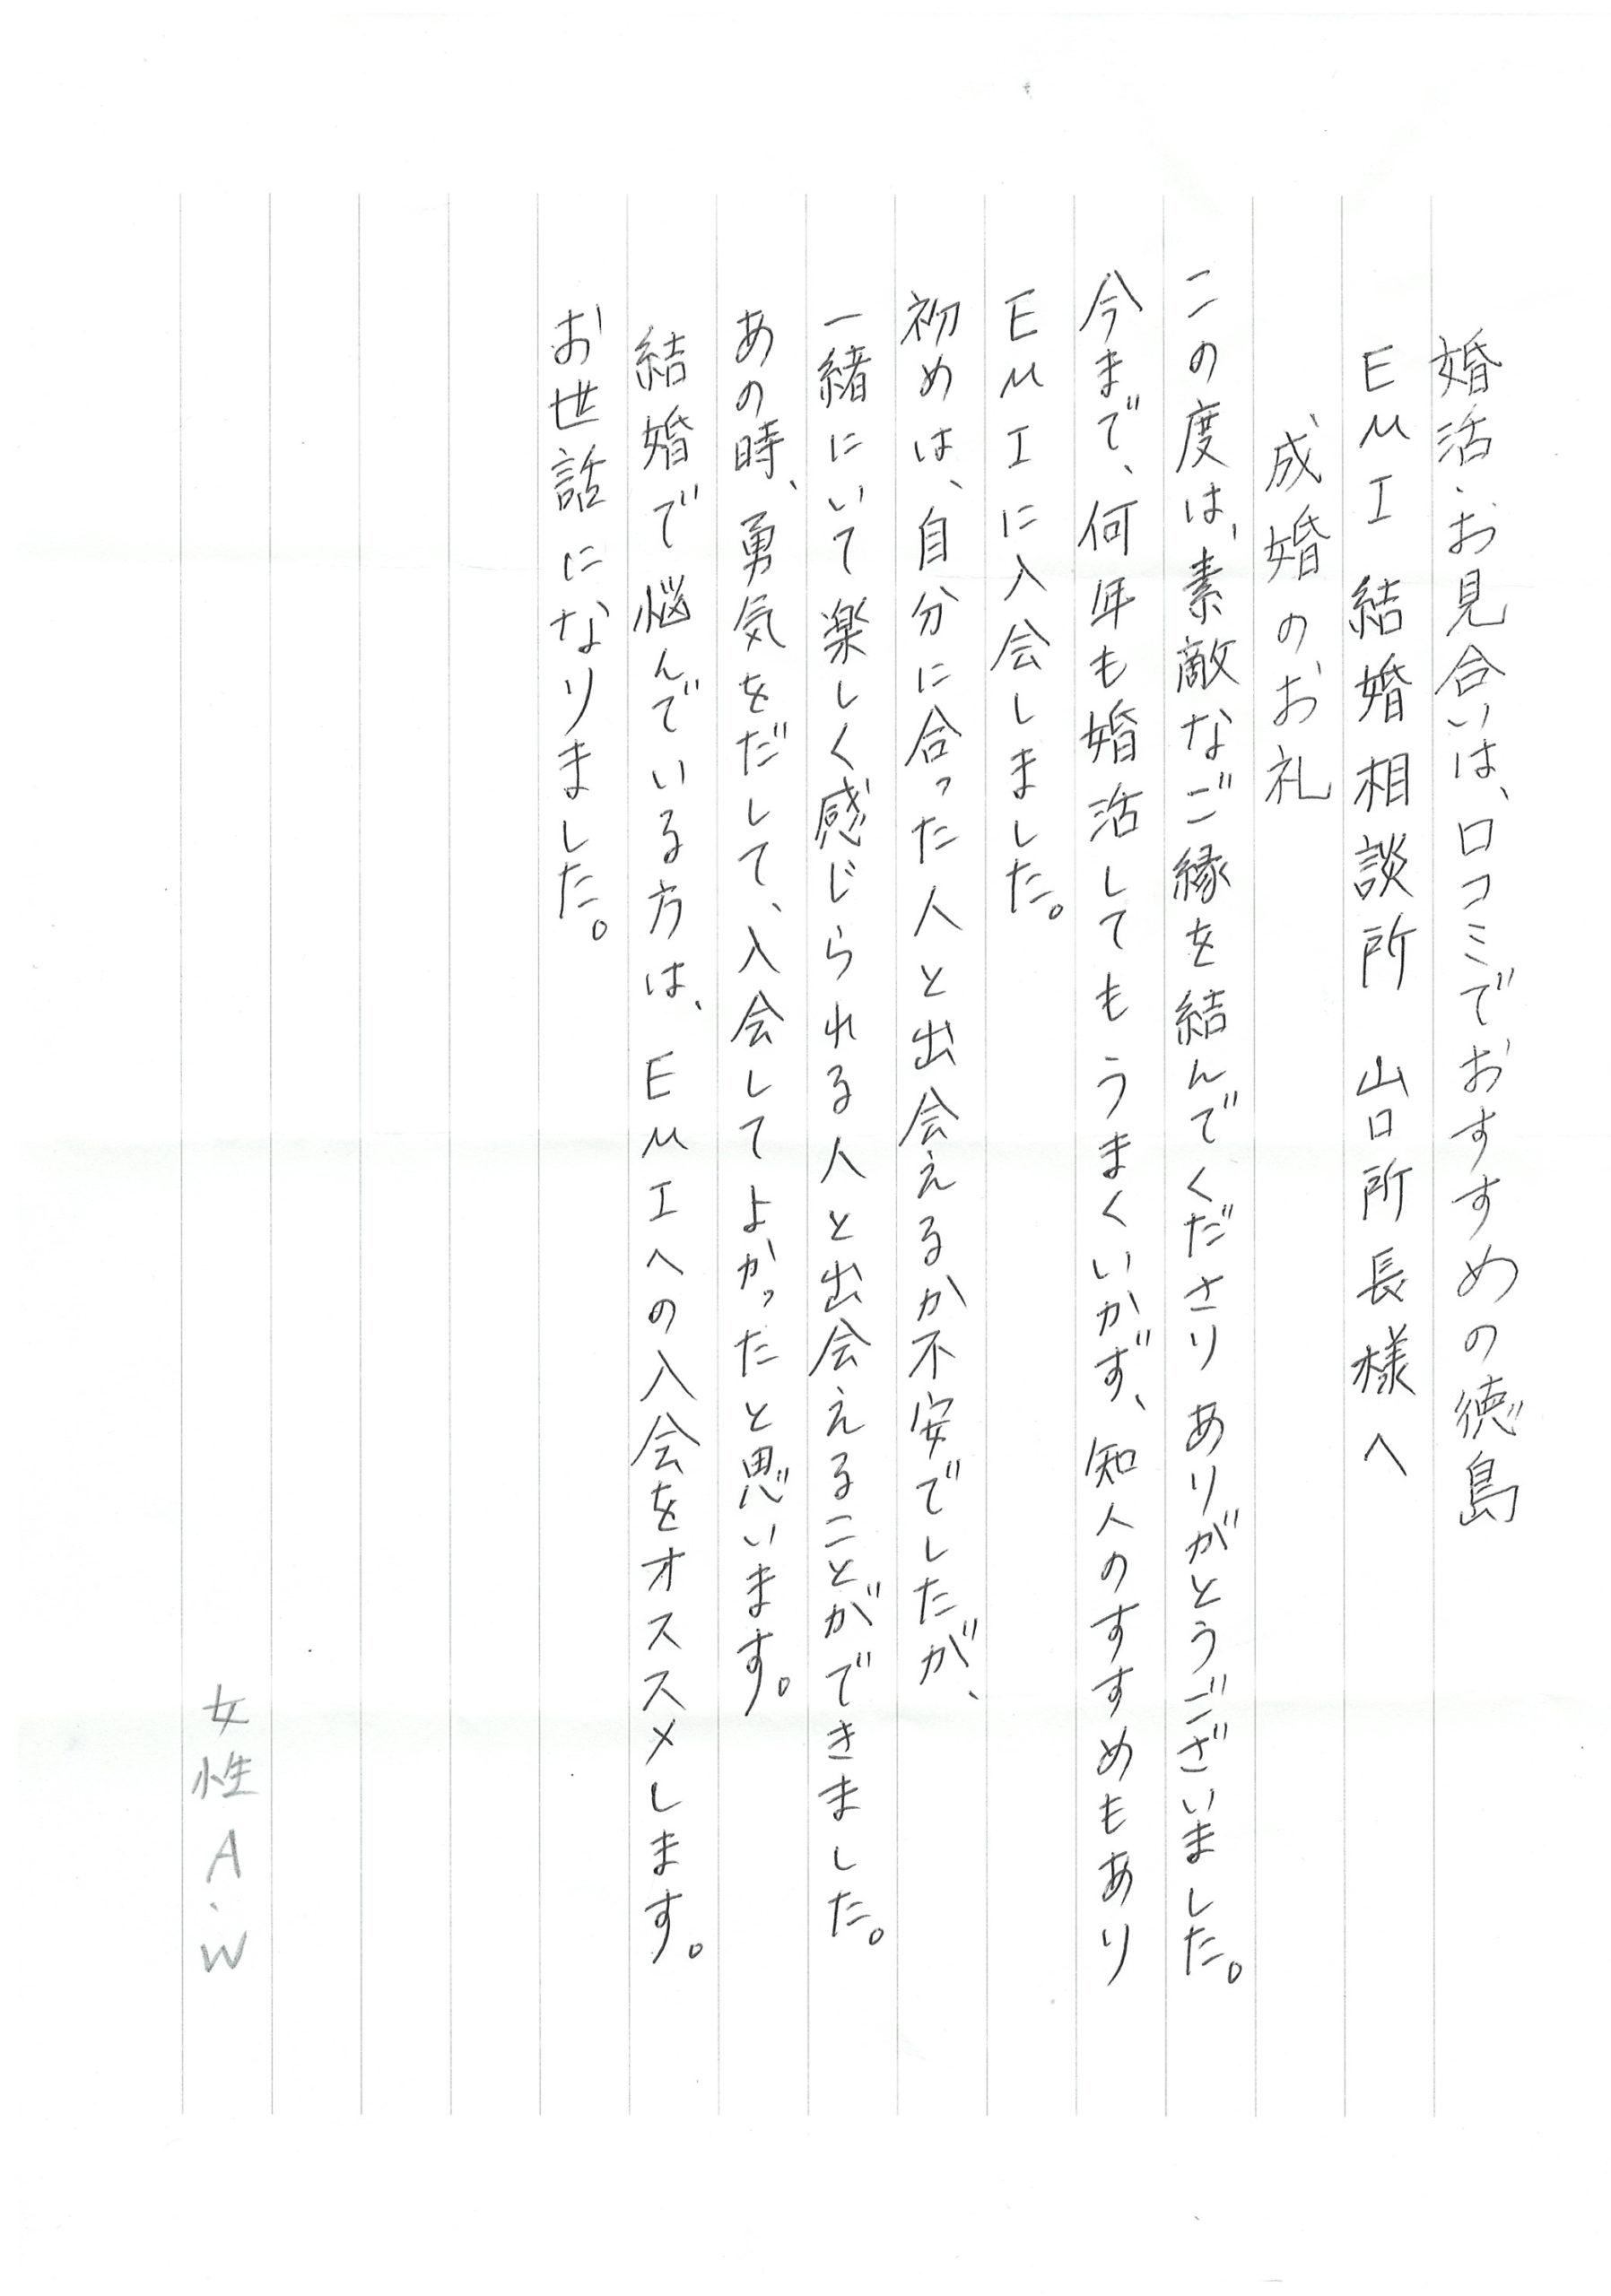 婚活・お見合いは、口コミ(口込み)でお薦め・お勧め(おすすめ・オススメ)の徳島・EMI(イーエムアイ)結婚相談所さんへ